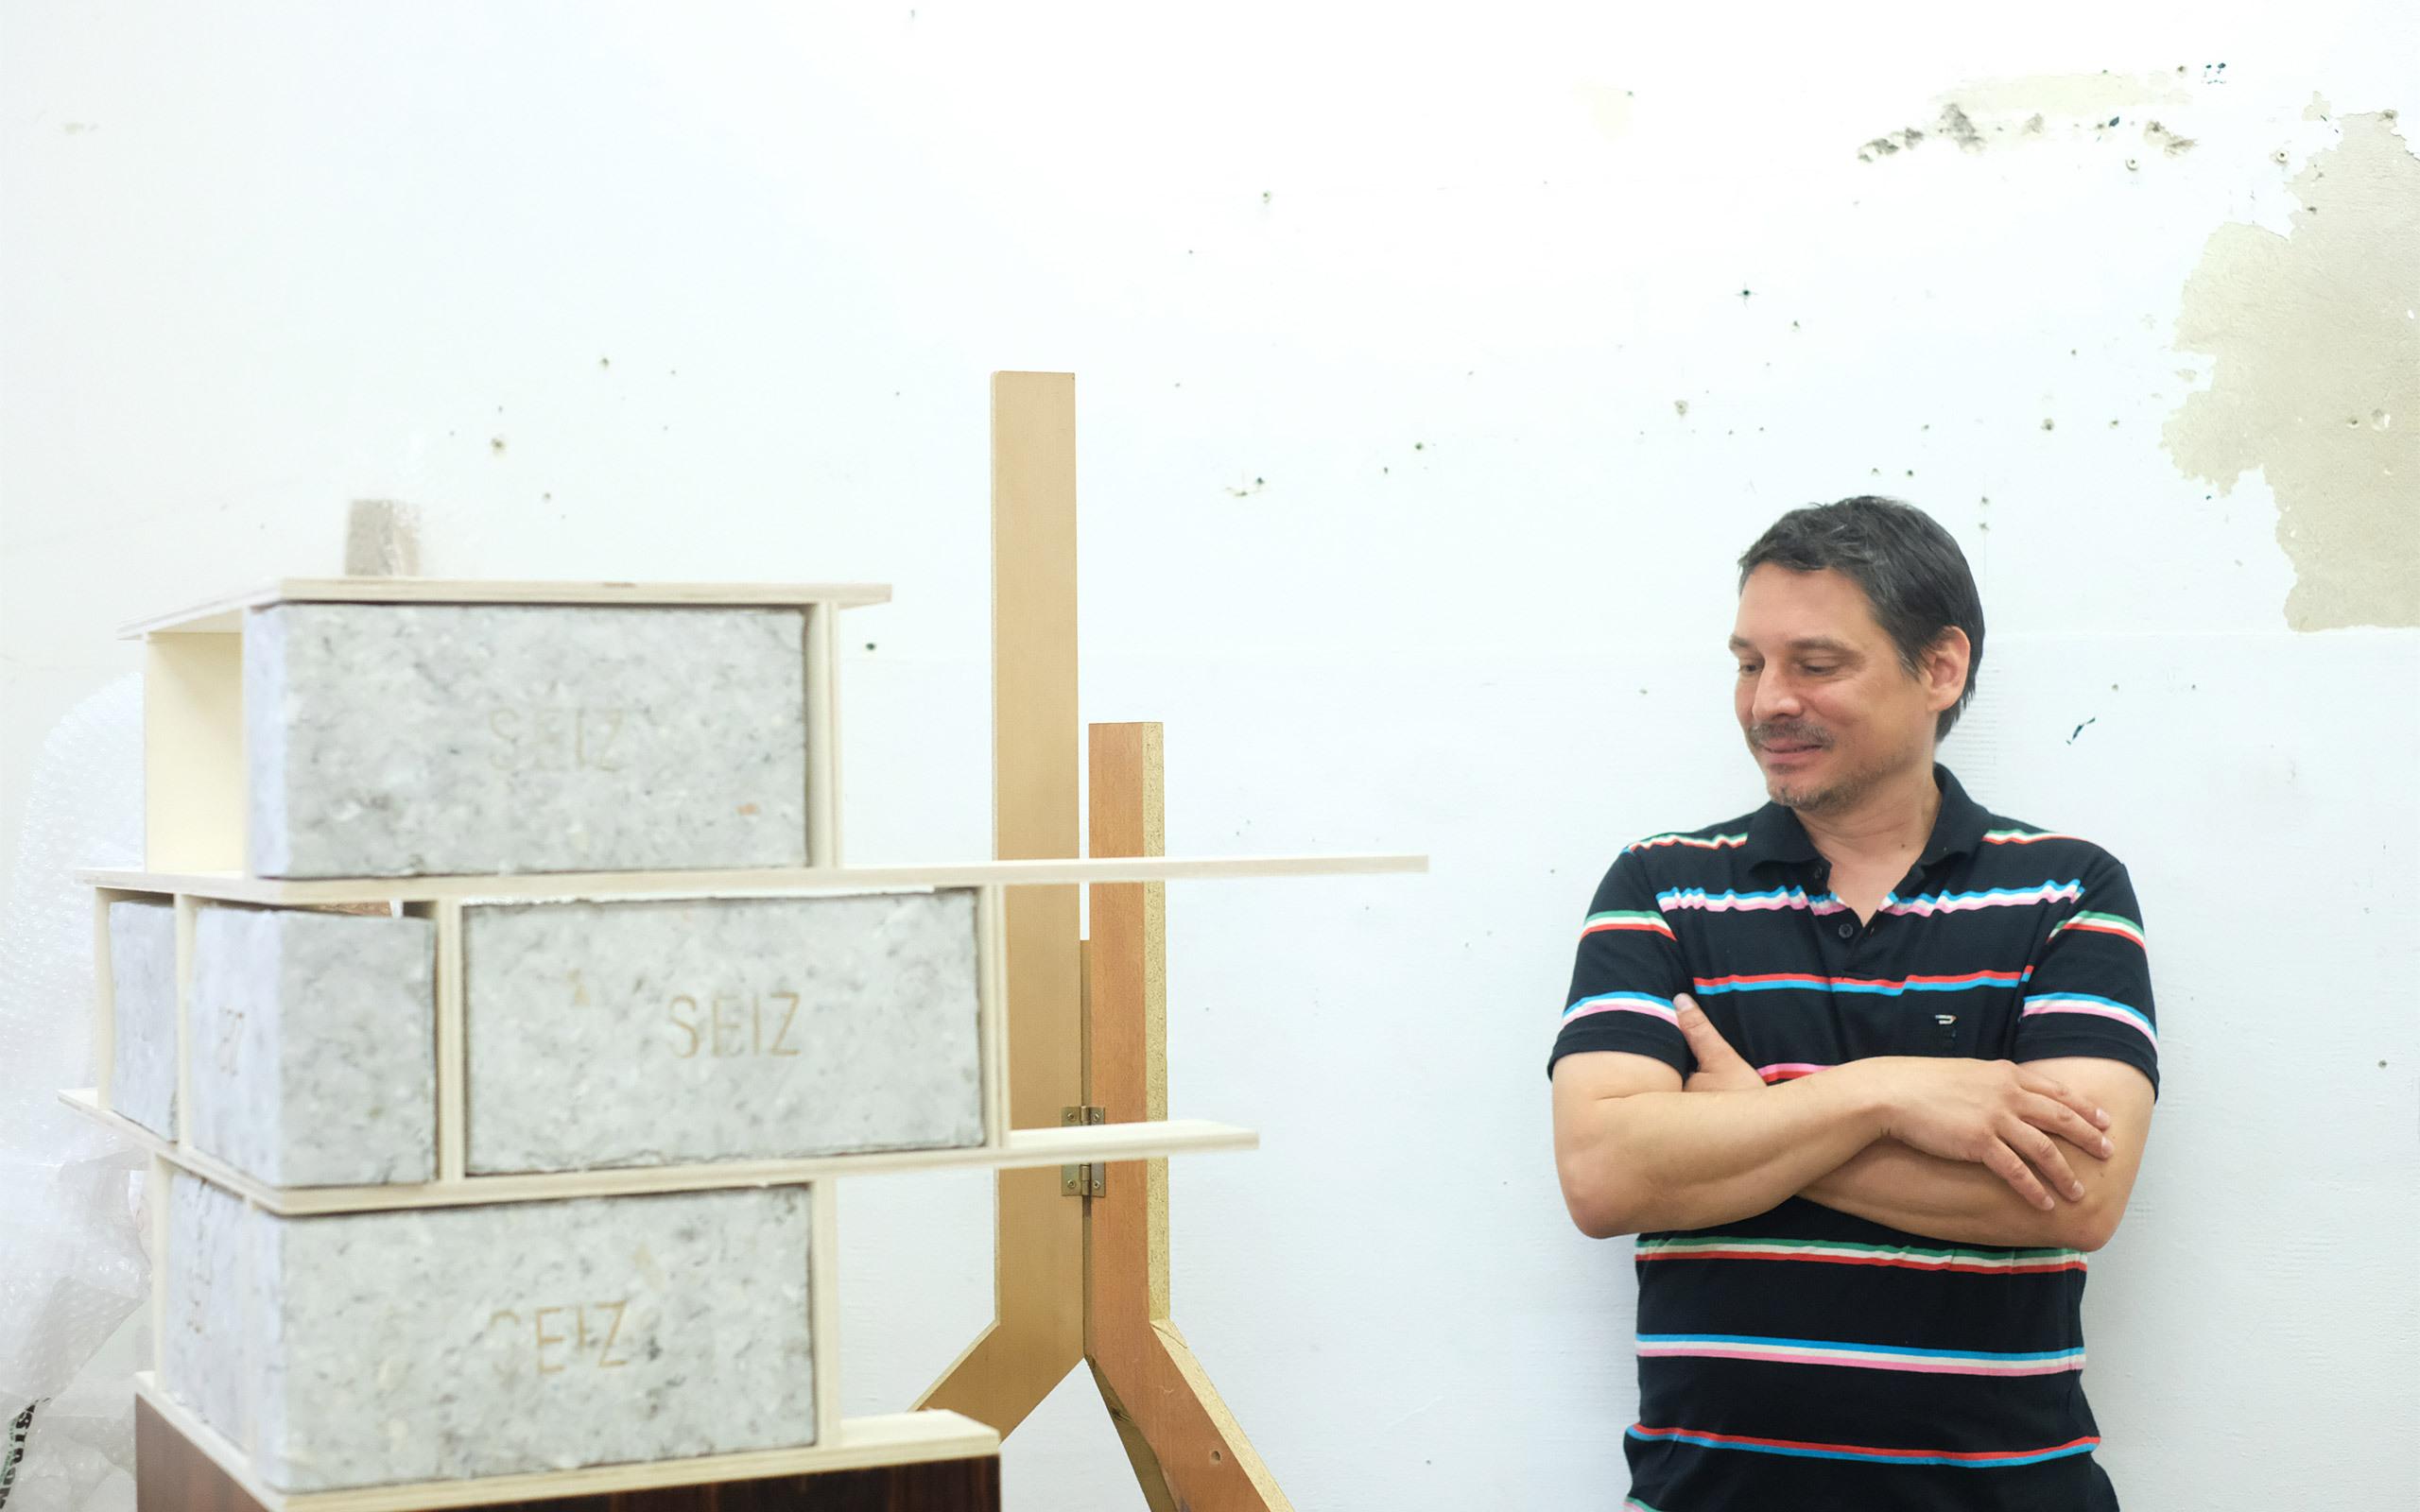 20 Fabian Seiz @ Maximilian Pramatarov